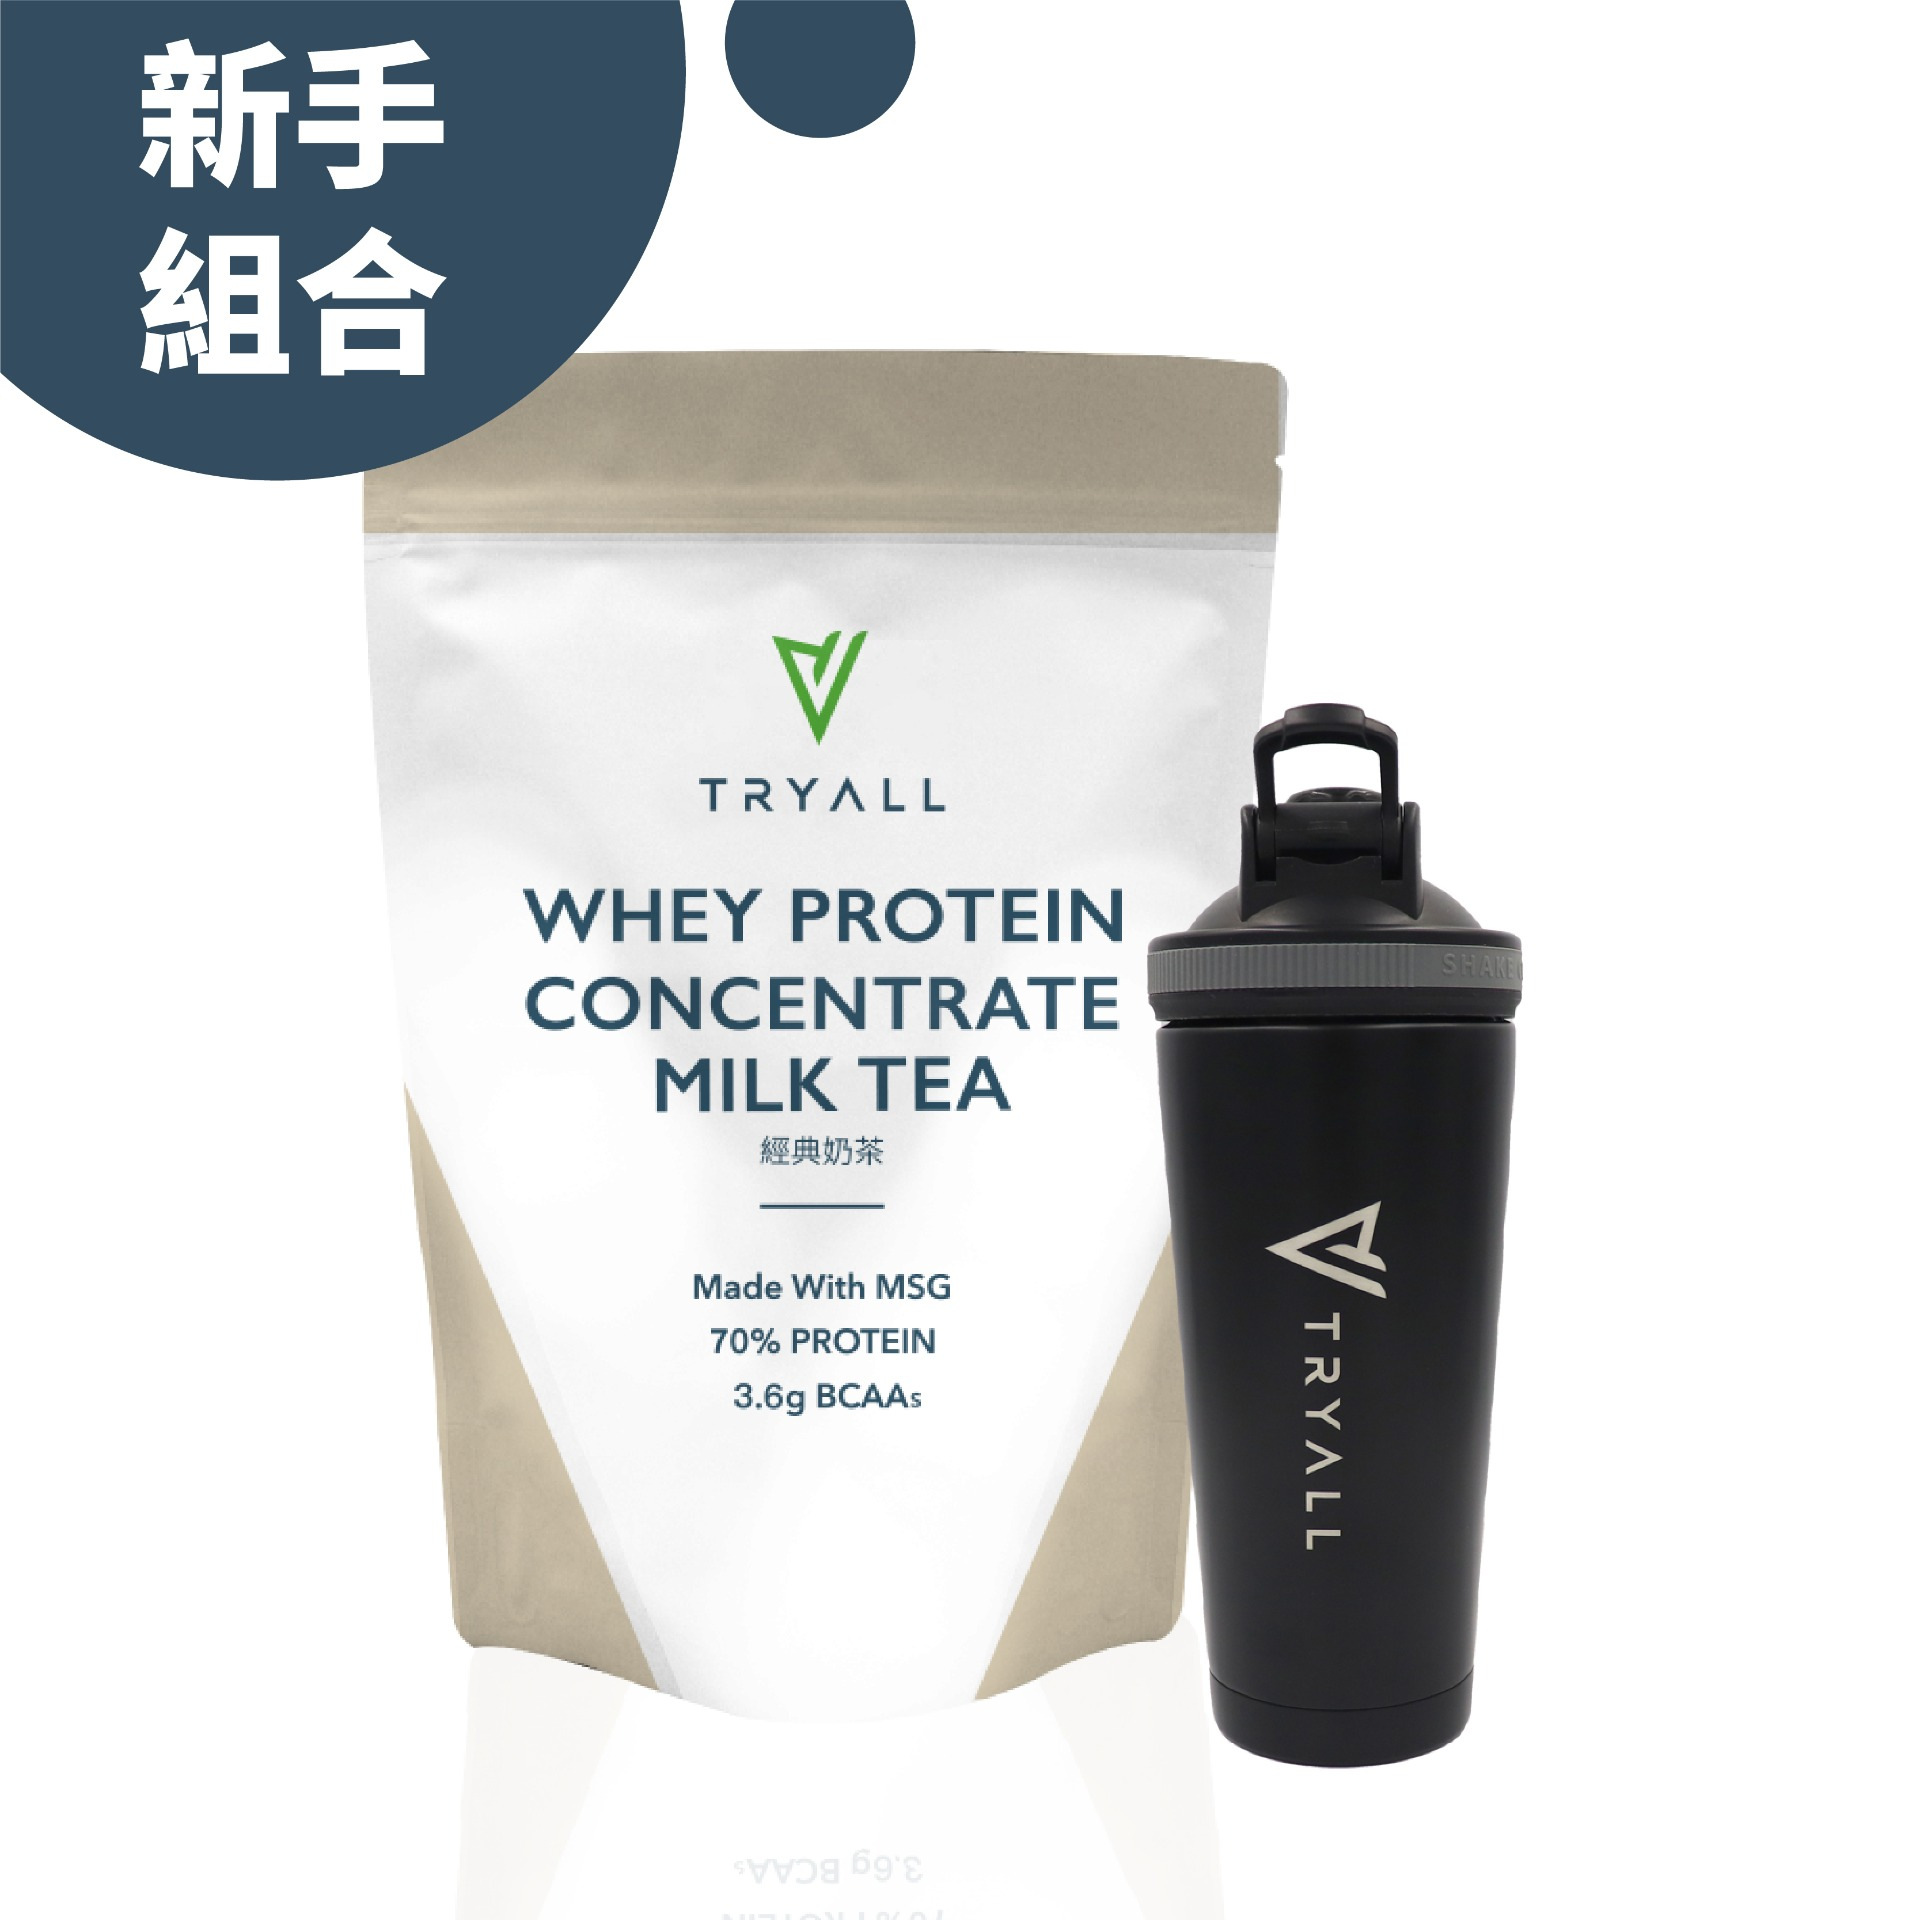 [新手組合][台灣 Tryall] 雙層不鏽鋼搖搖杯(600ml) 消光黑+濃縮乳清蛋白(500公克/包)-經典奶茶